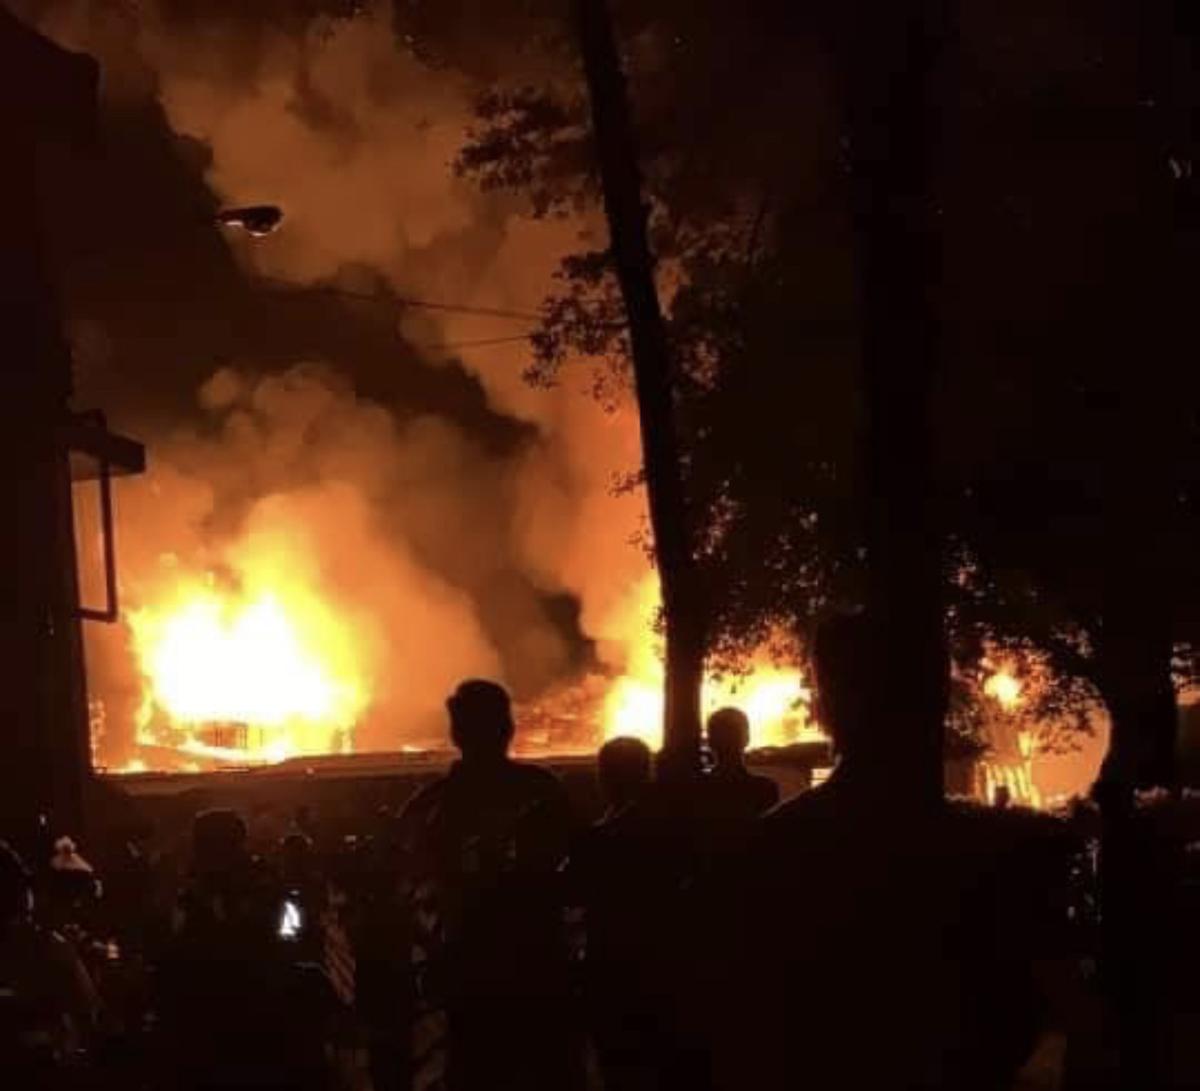 Ngọn lửa bùng lên dữ dội tại xưởng sản xuất giày da. Ảnh: Đình Văn.